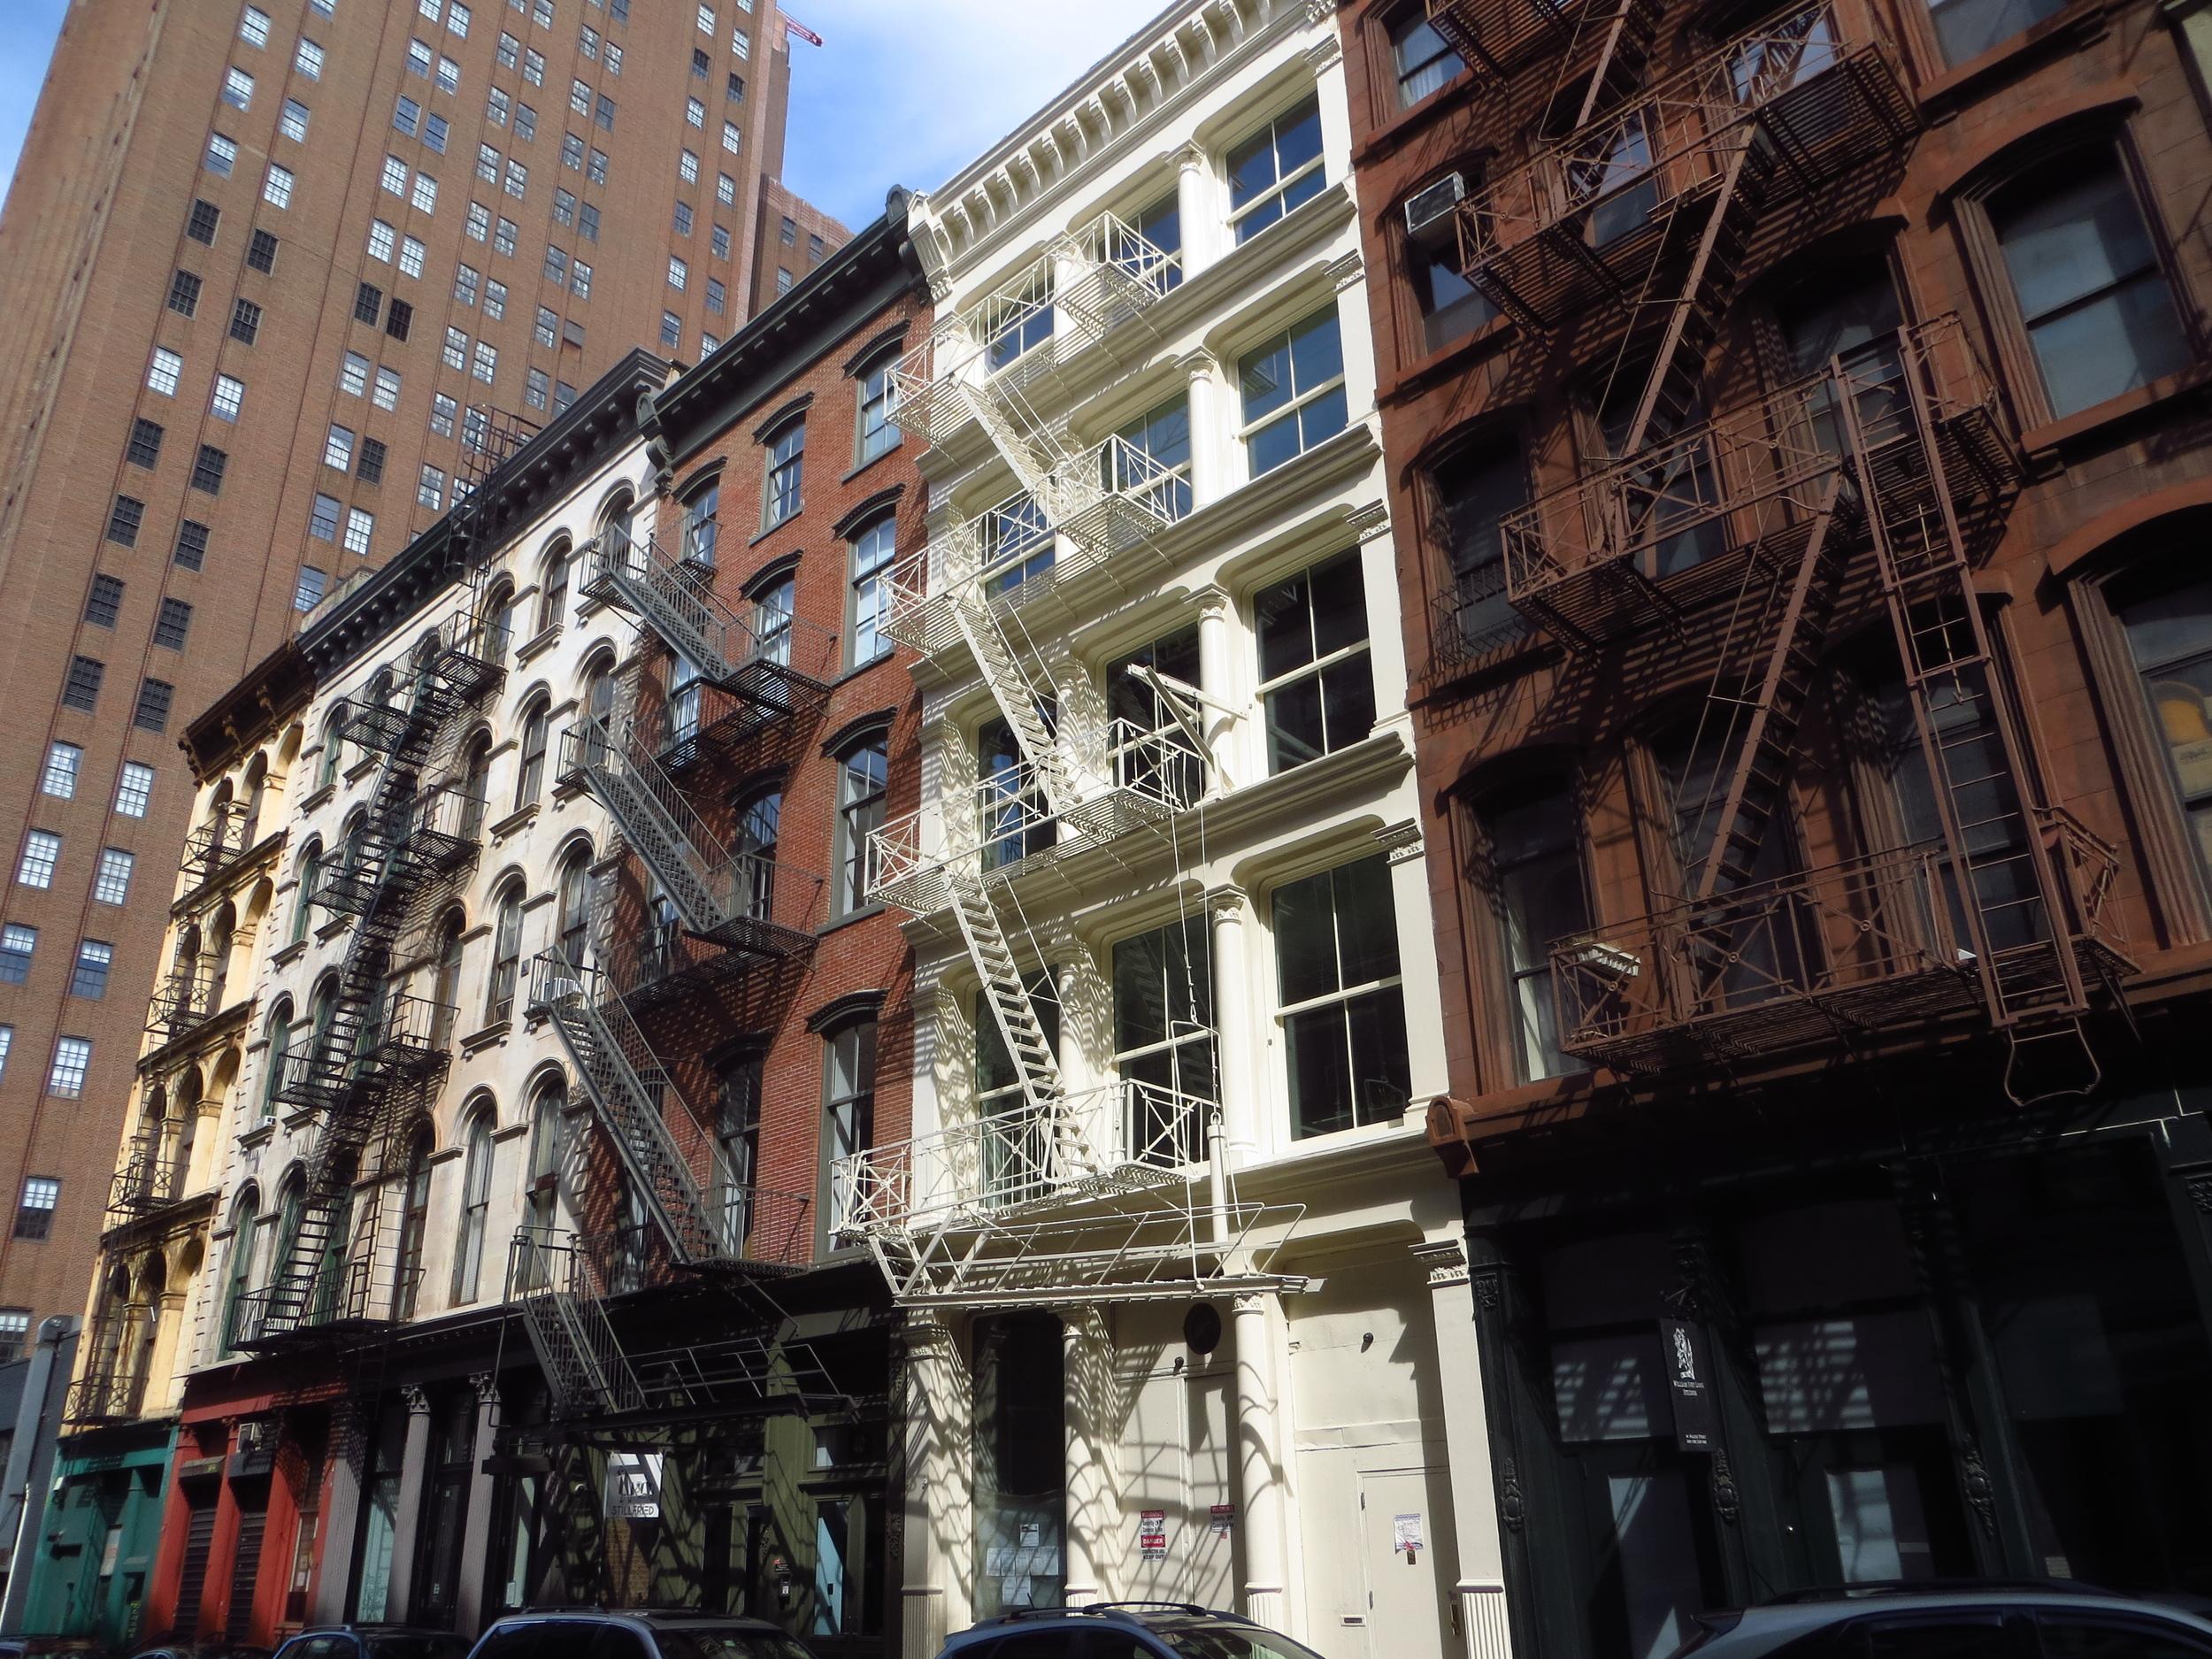 More Walker St. buildings